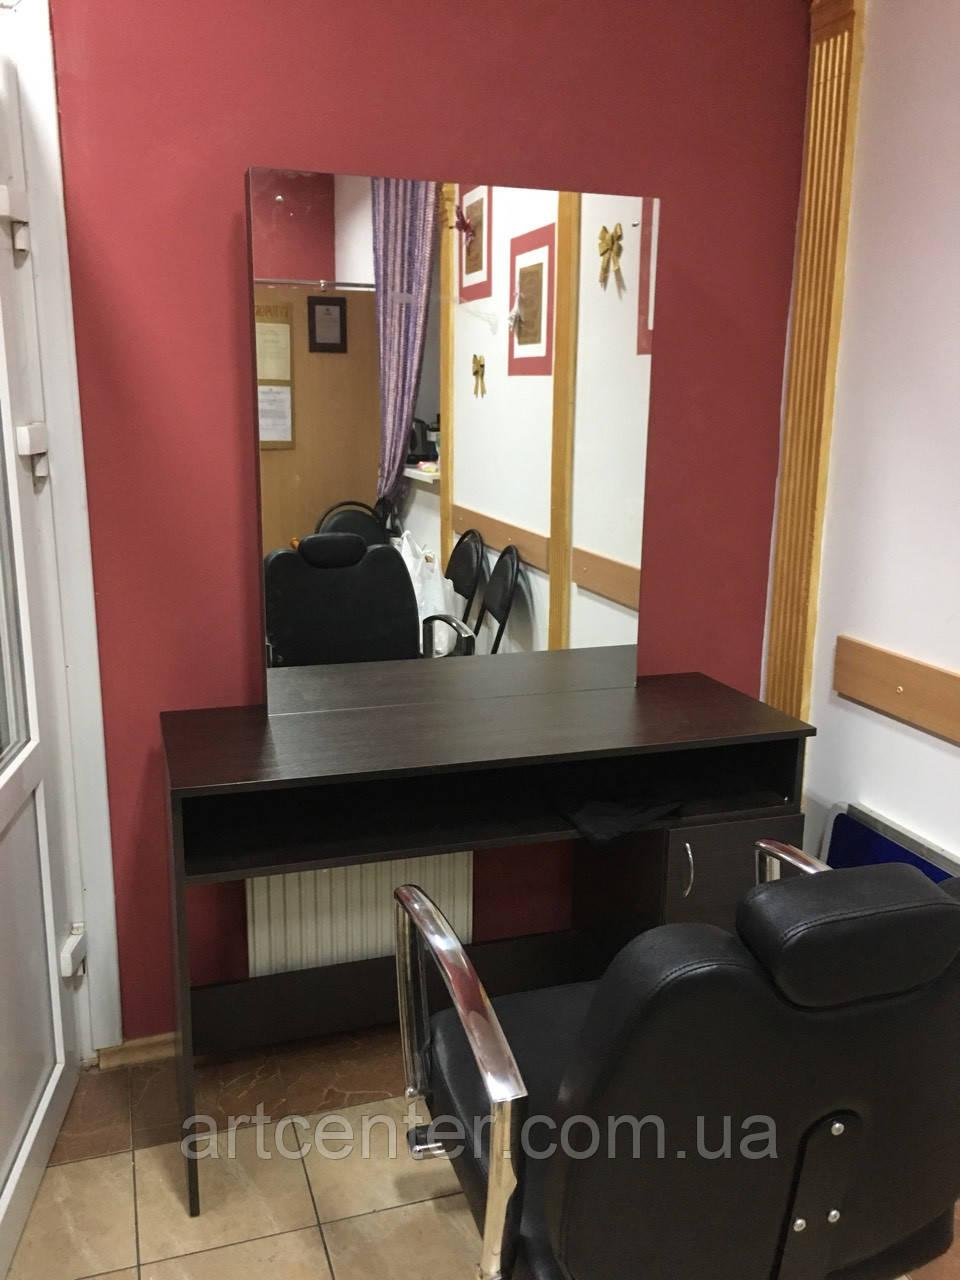 Рабочее место парикмахера с зеркалом для салона красоты, парикмахерской